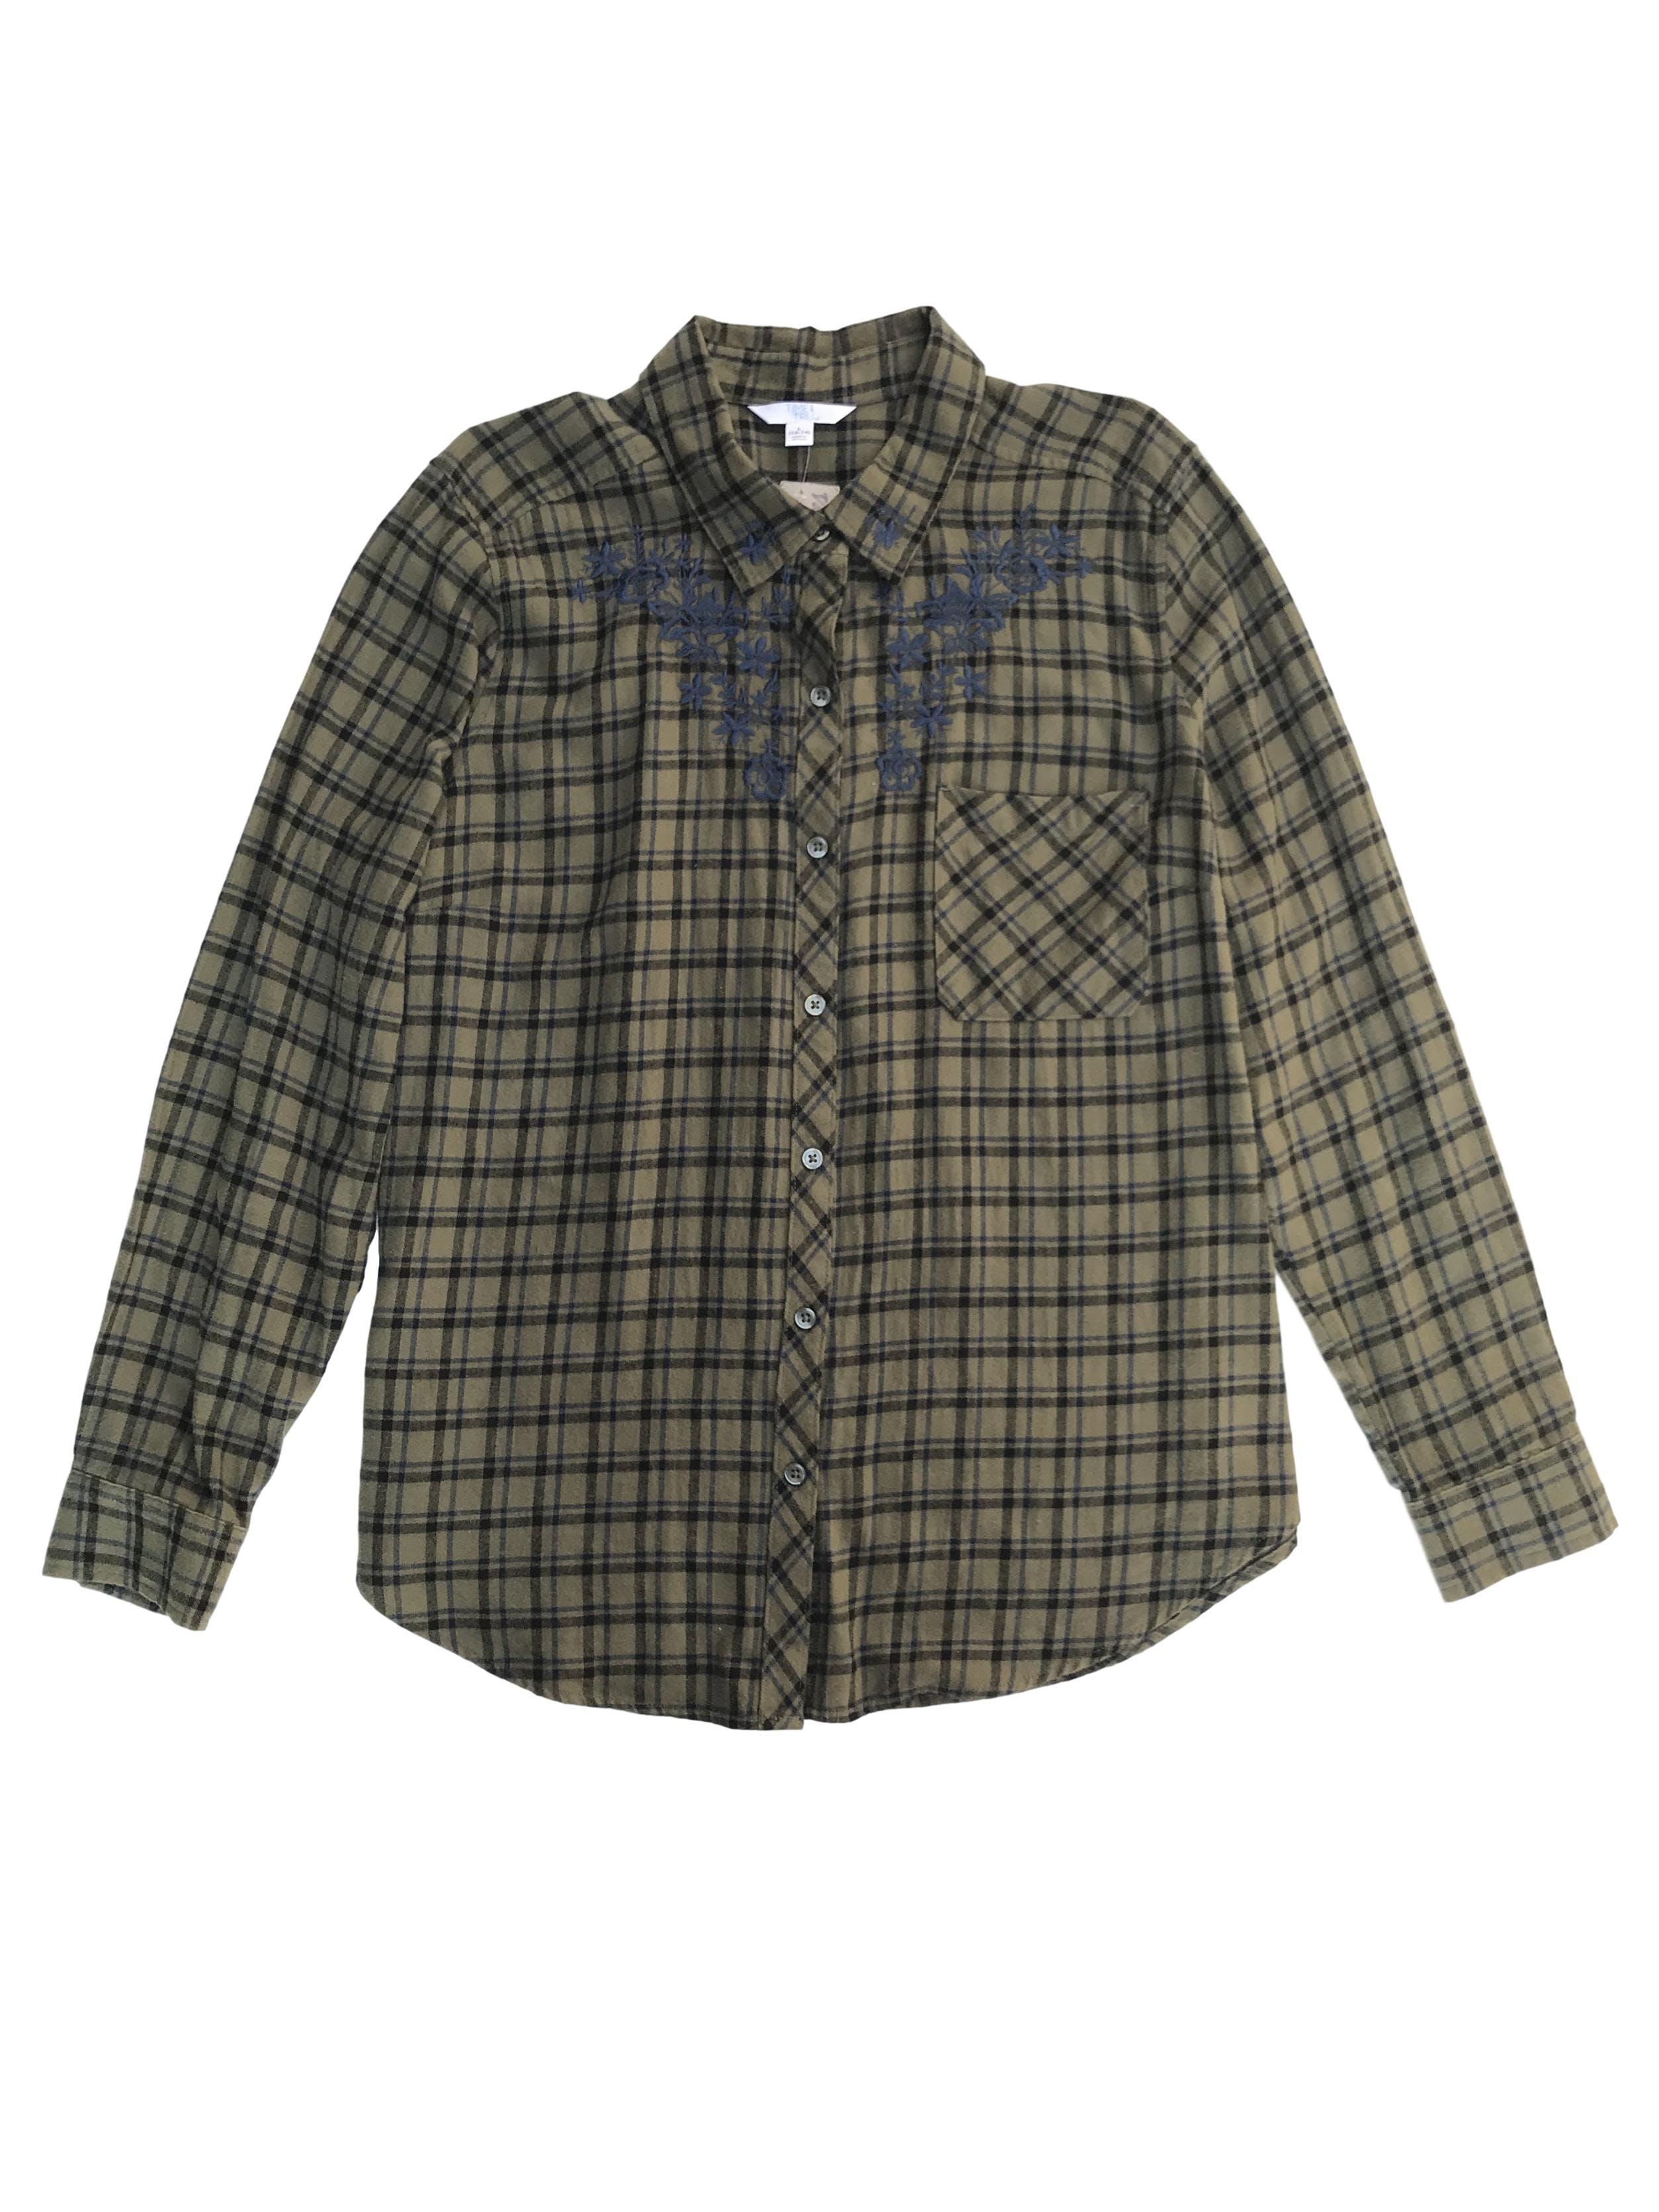 Blusa verde a cuadros negros y azules, 100% algodón tipo franela, camisera con bordado en el pecho